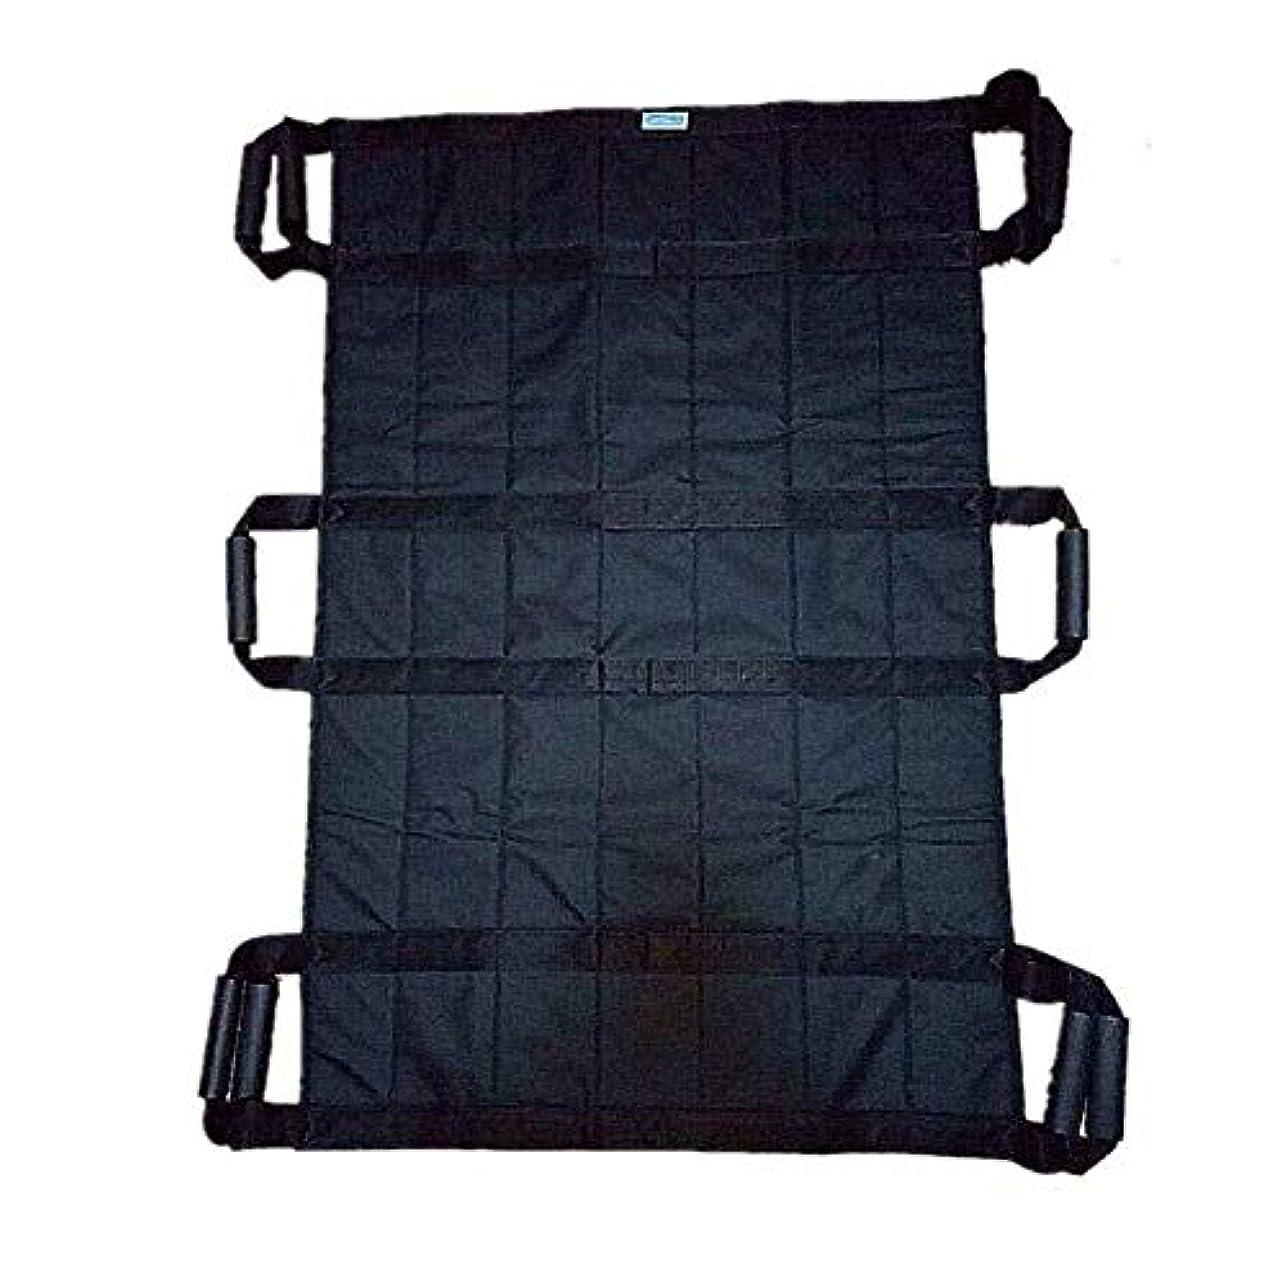 水お父さん練習したトランスファーボードスライドベルト-患者リフトベッド支援デバイス-患者輸送リフトスリング-位置決めベッドパッド